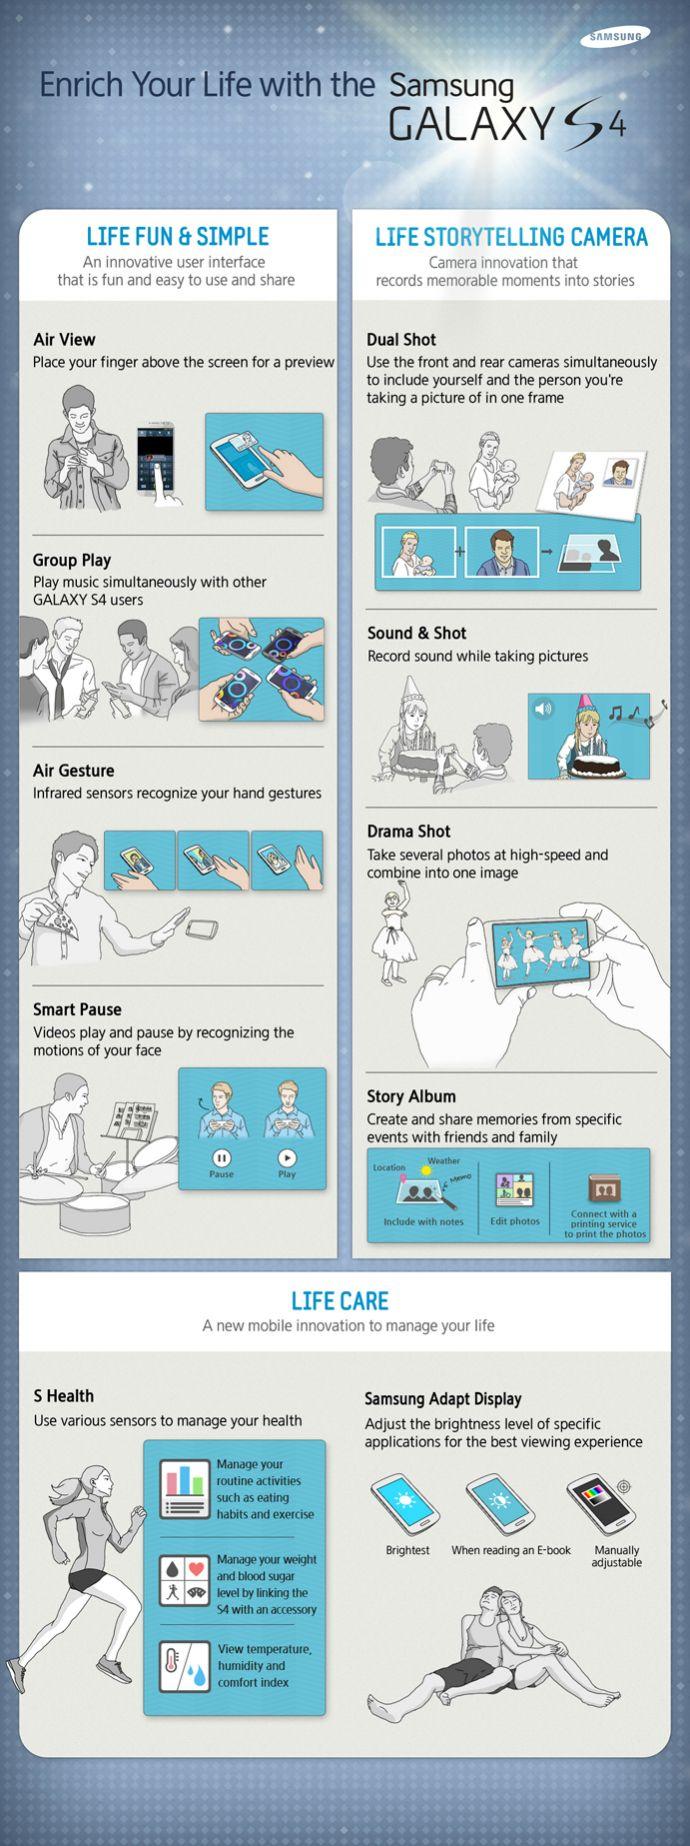 Lo que debes sabes saber sobre el Samsung Galaxy SIV